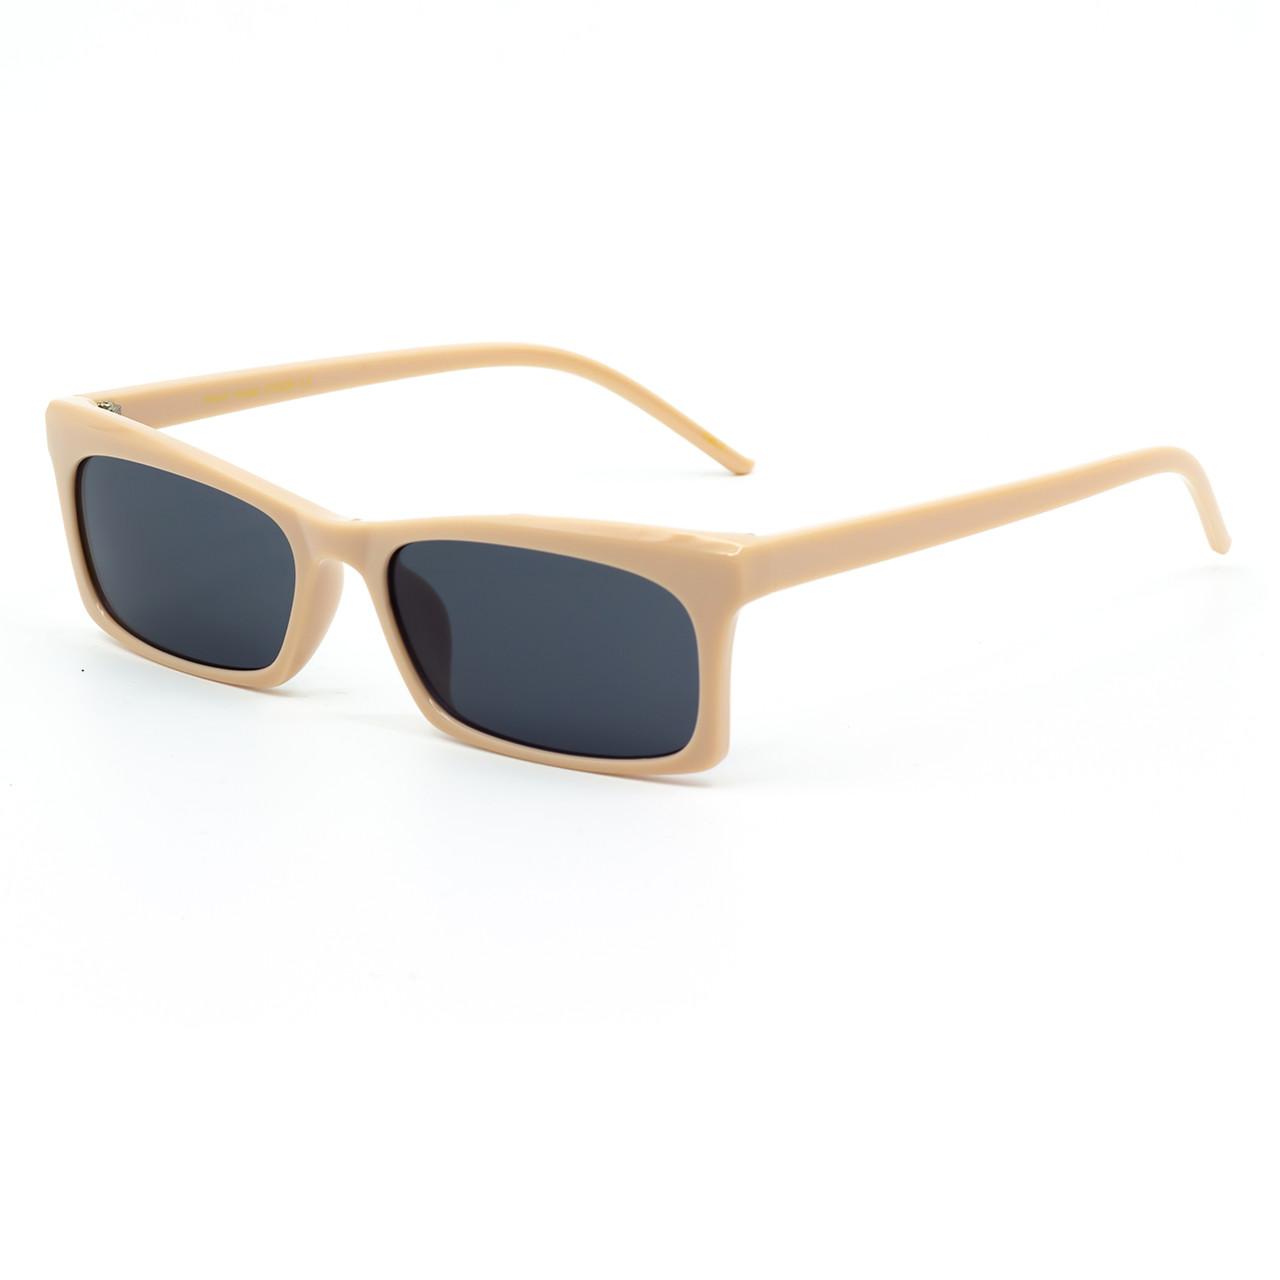 Солнцезащитные очки Marmilen 92138 C3 бежевые     ( 92138-03 )